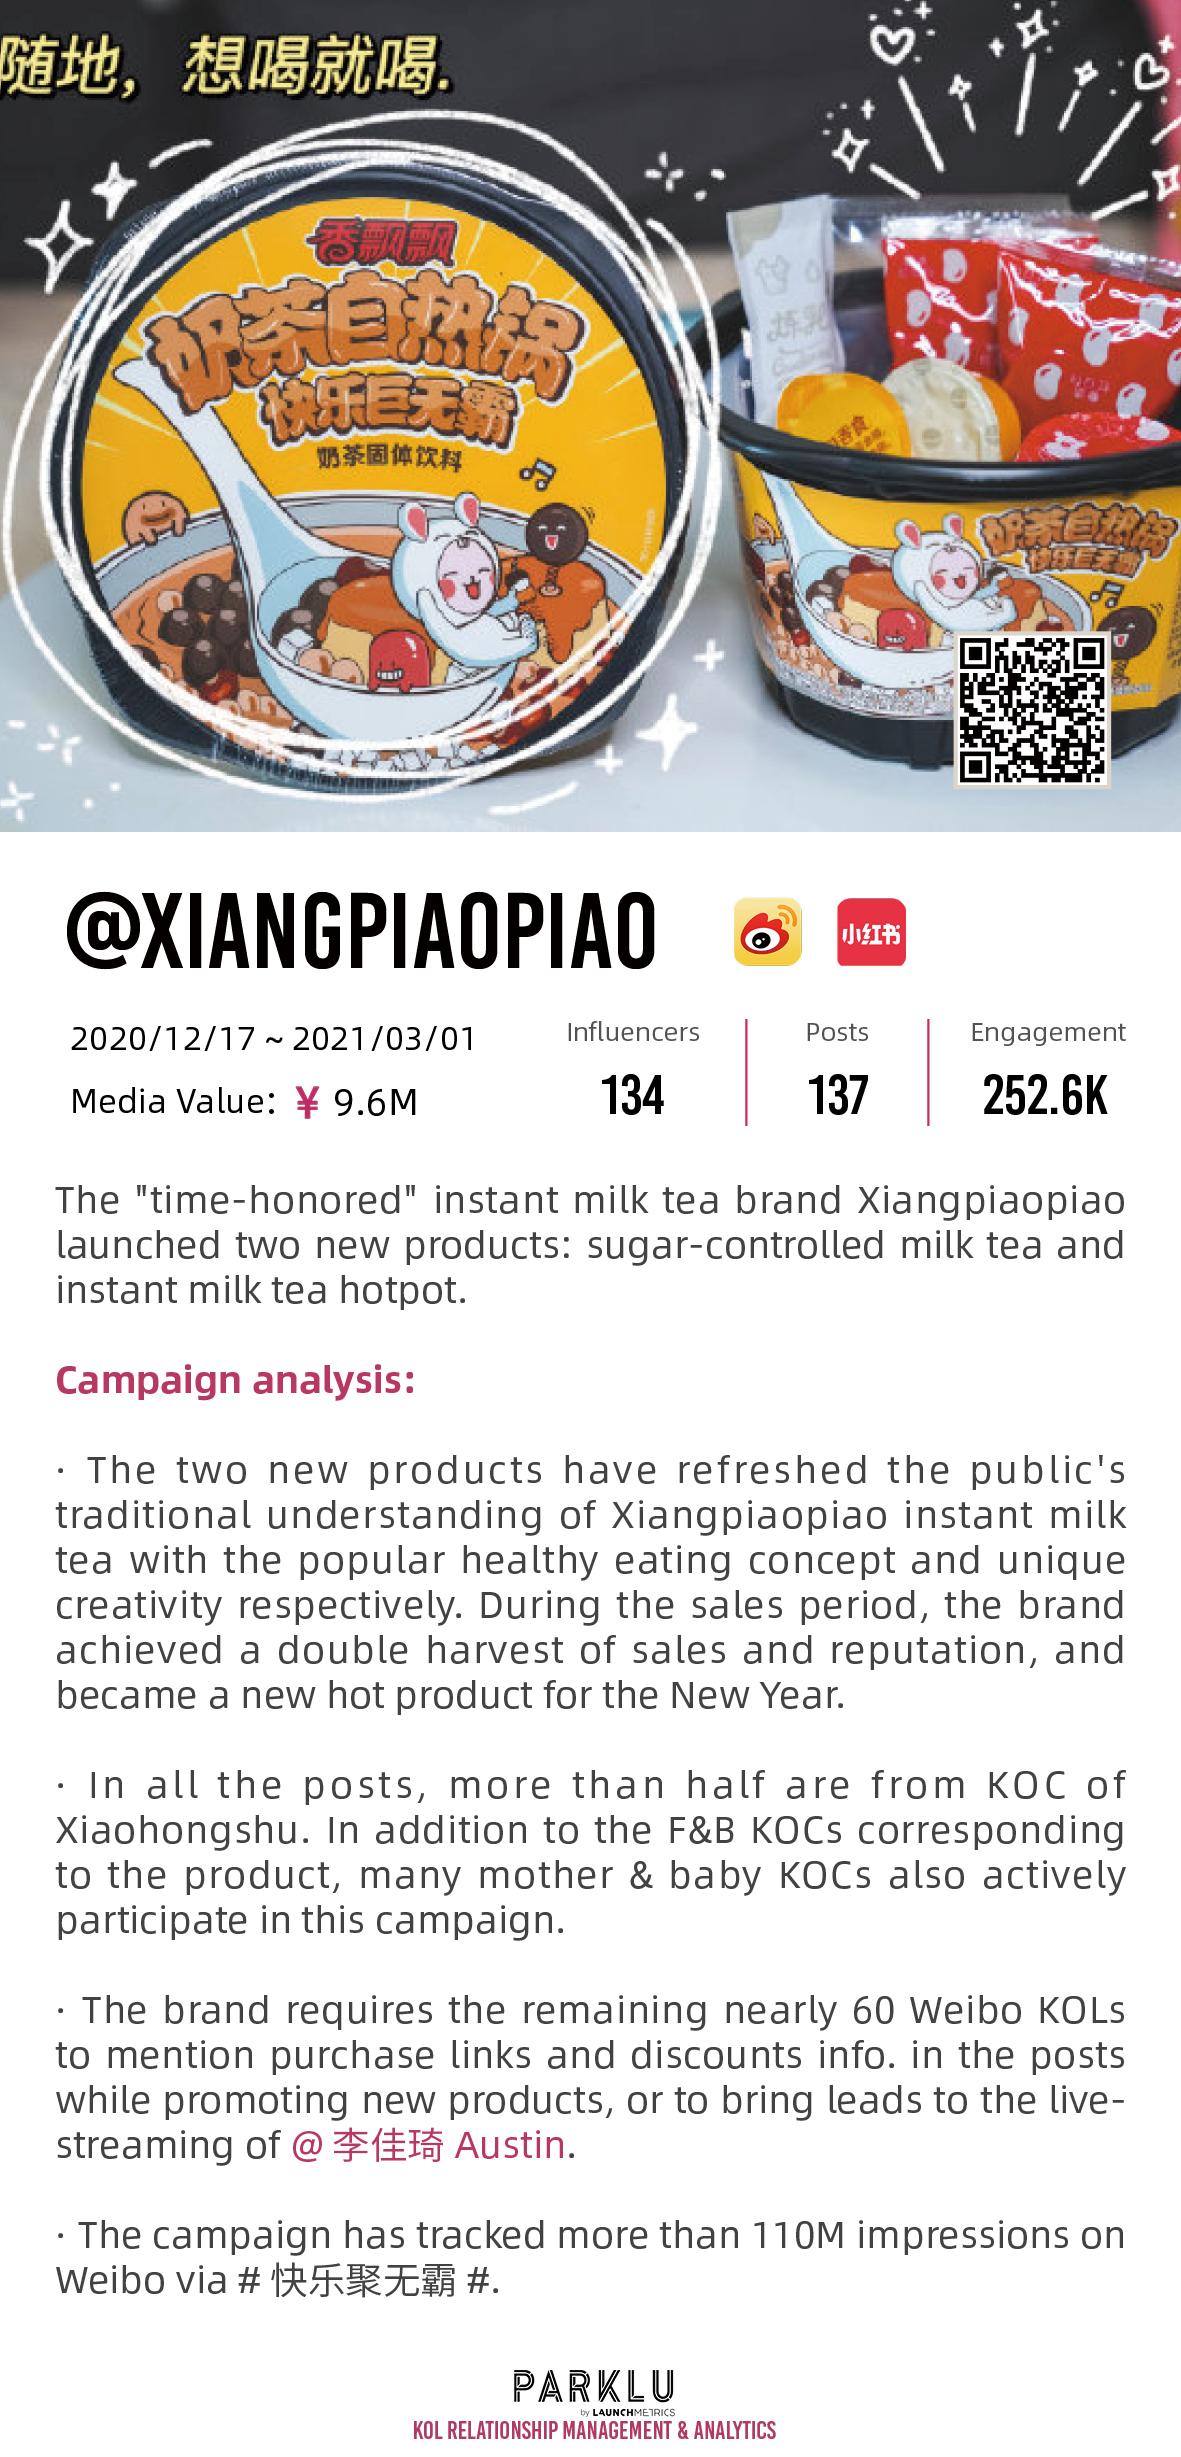 Xiangpiaopiao instant milk tea hotpot